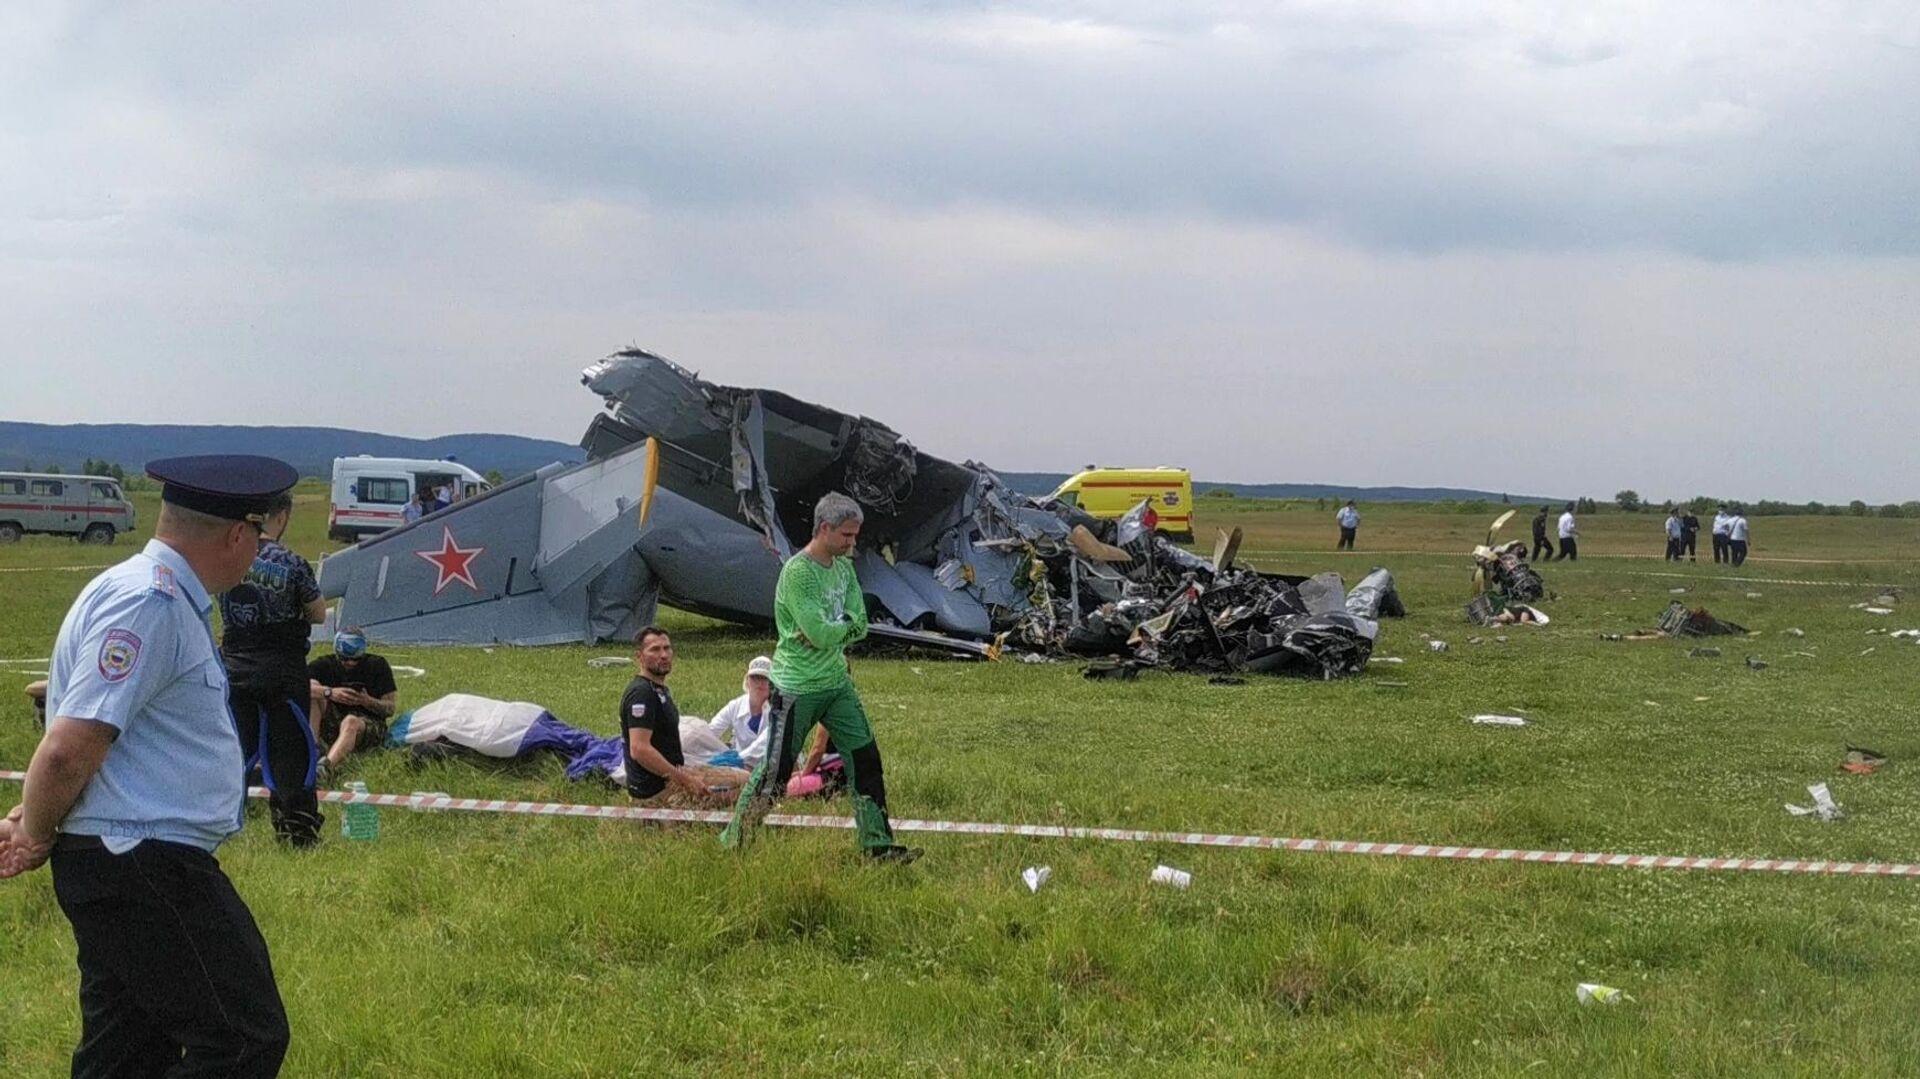 Havárie L-410 v Kuzbasu - Sputnik Česká republika, 1920, 19.06.2021